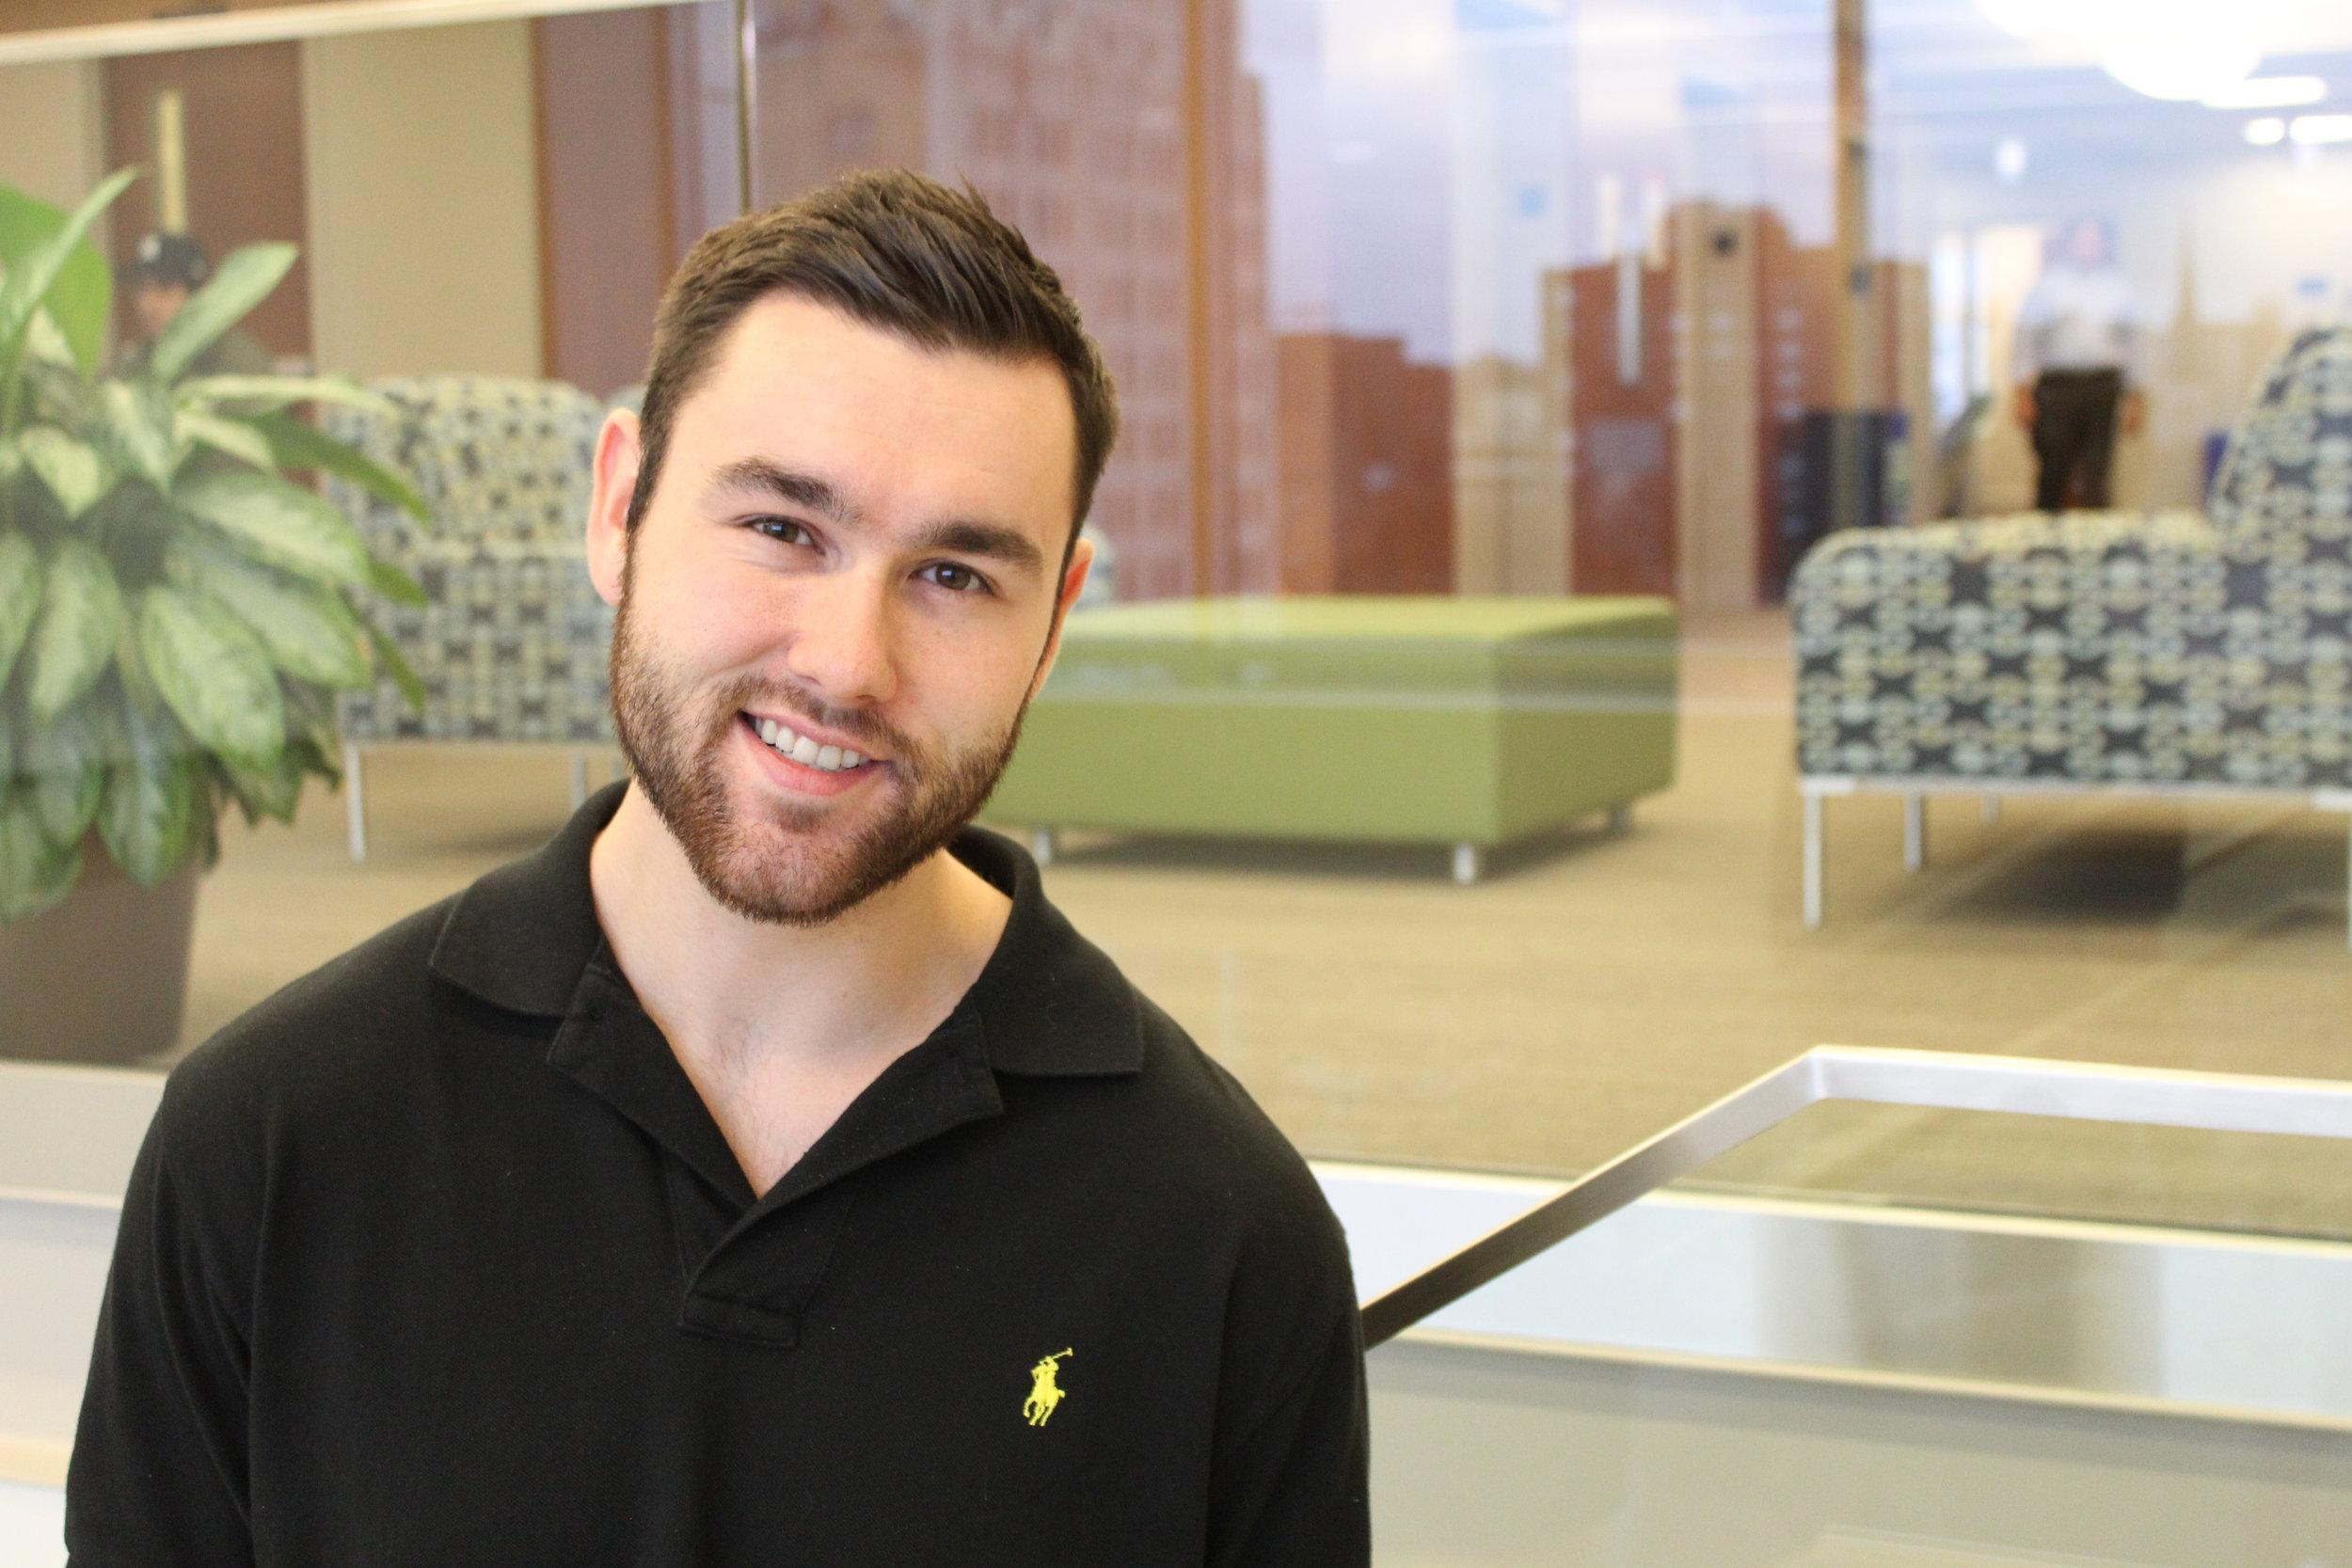 SLU Law Student Alex Lindley (Photo by Saint Louis University)